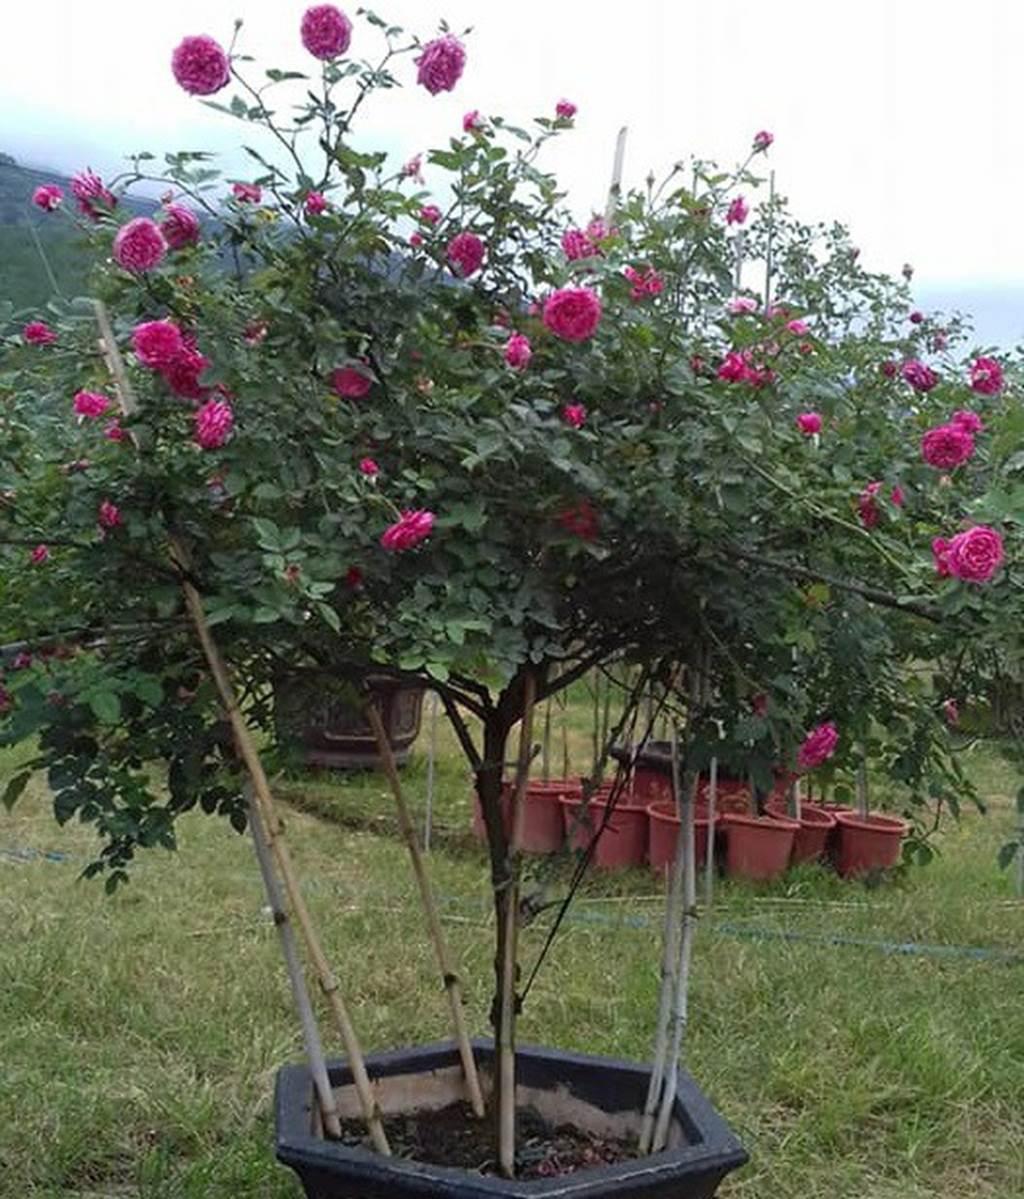 Chàng trai sở hữu vườn hoa hồng có chậu bán đến 150 triệu đồng-5